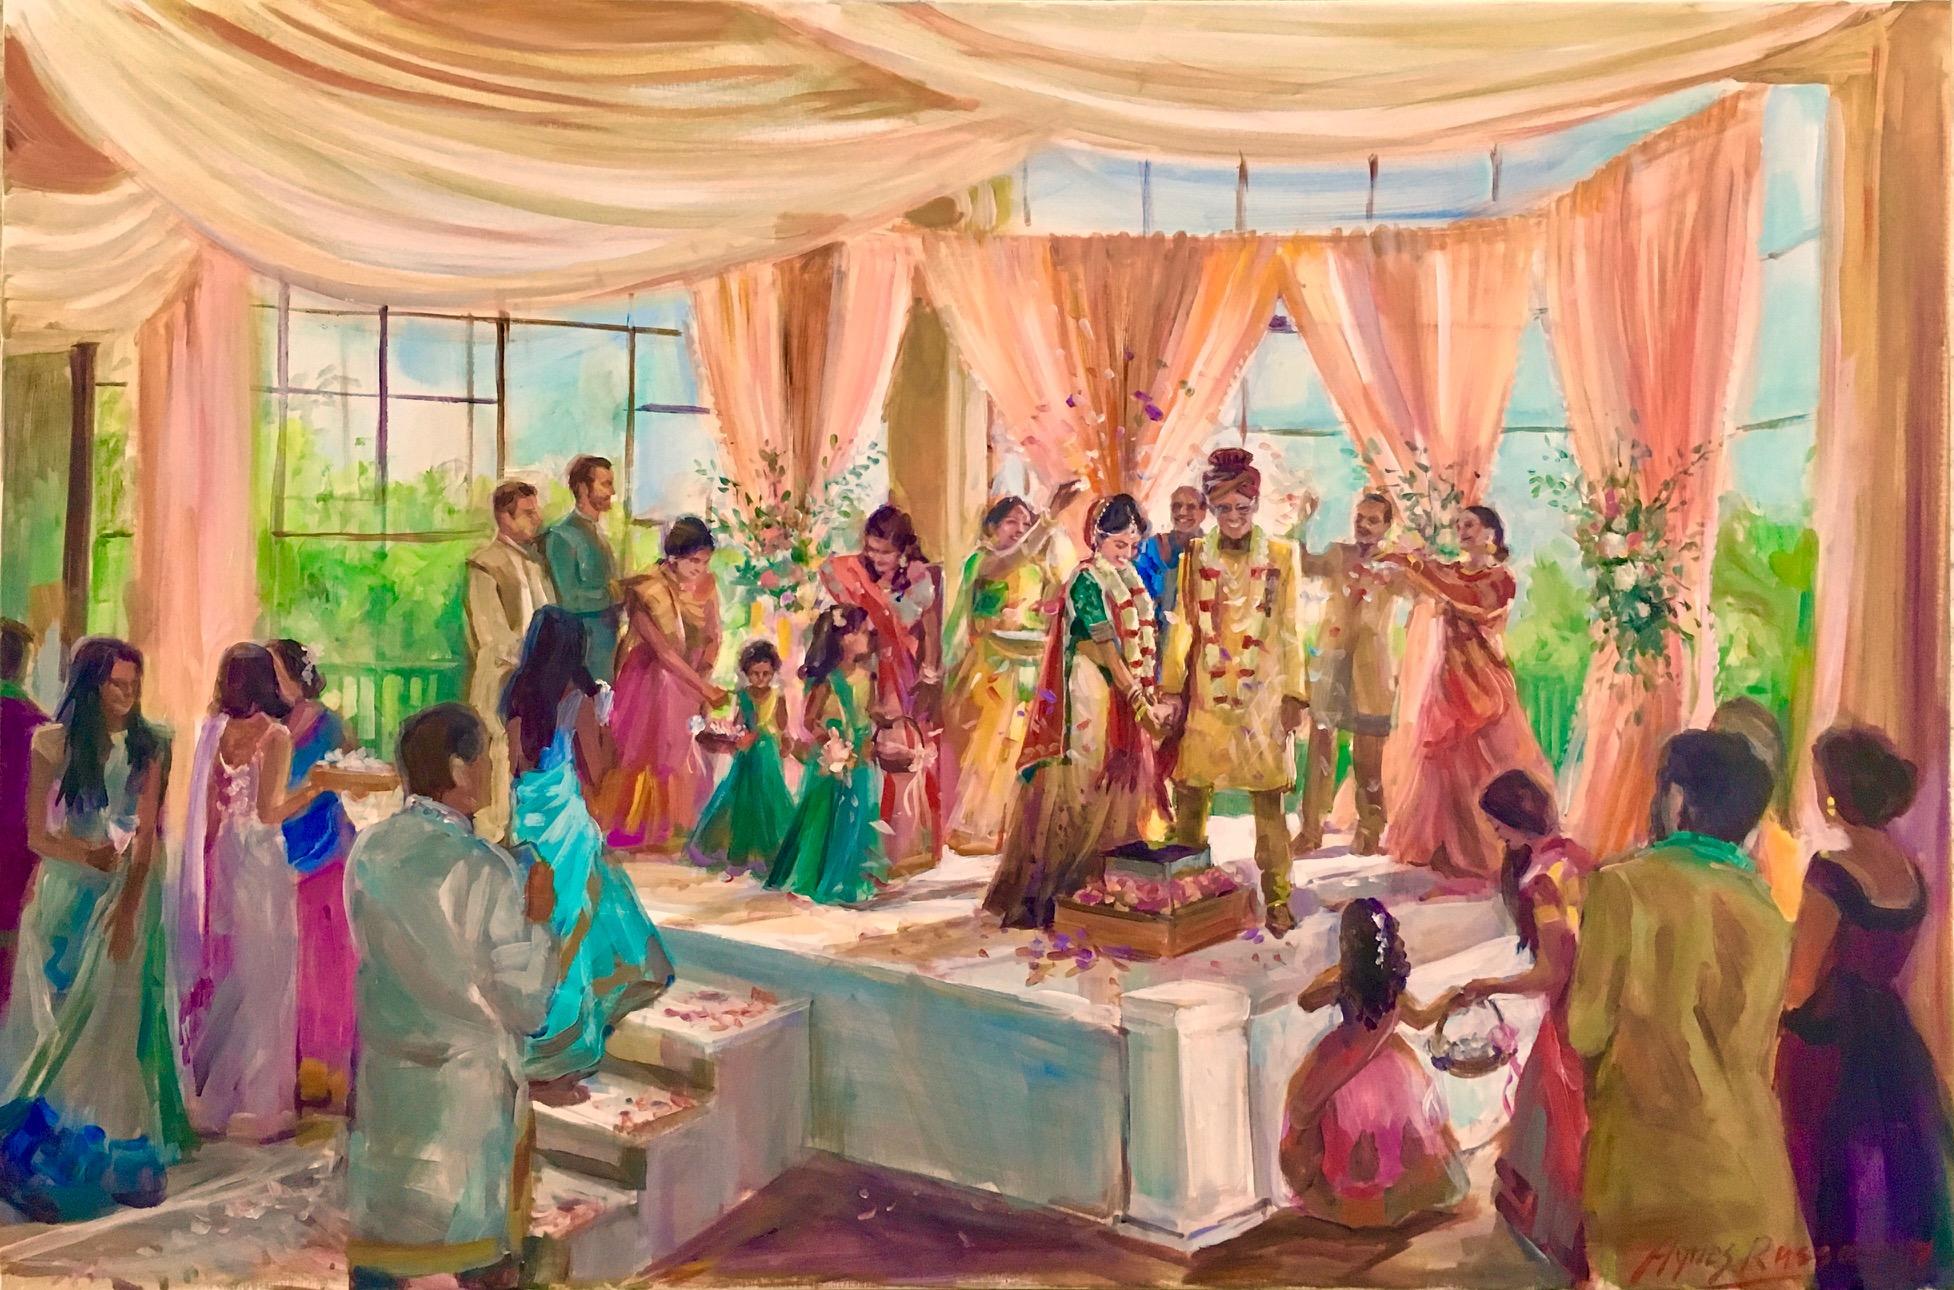 INDIAN WEDDING, MANDAP